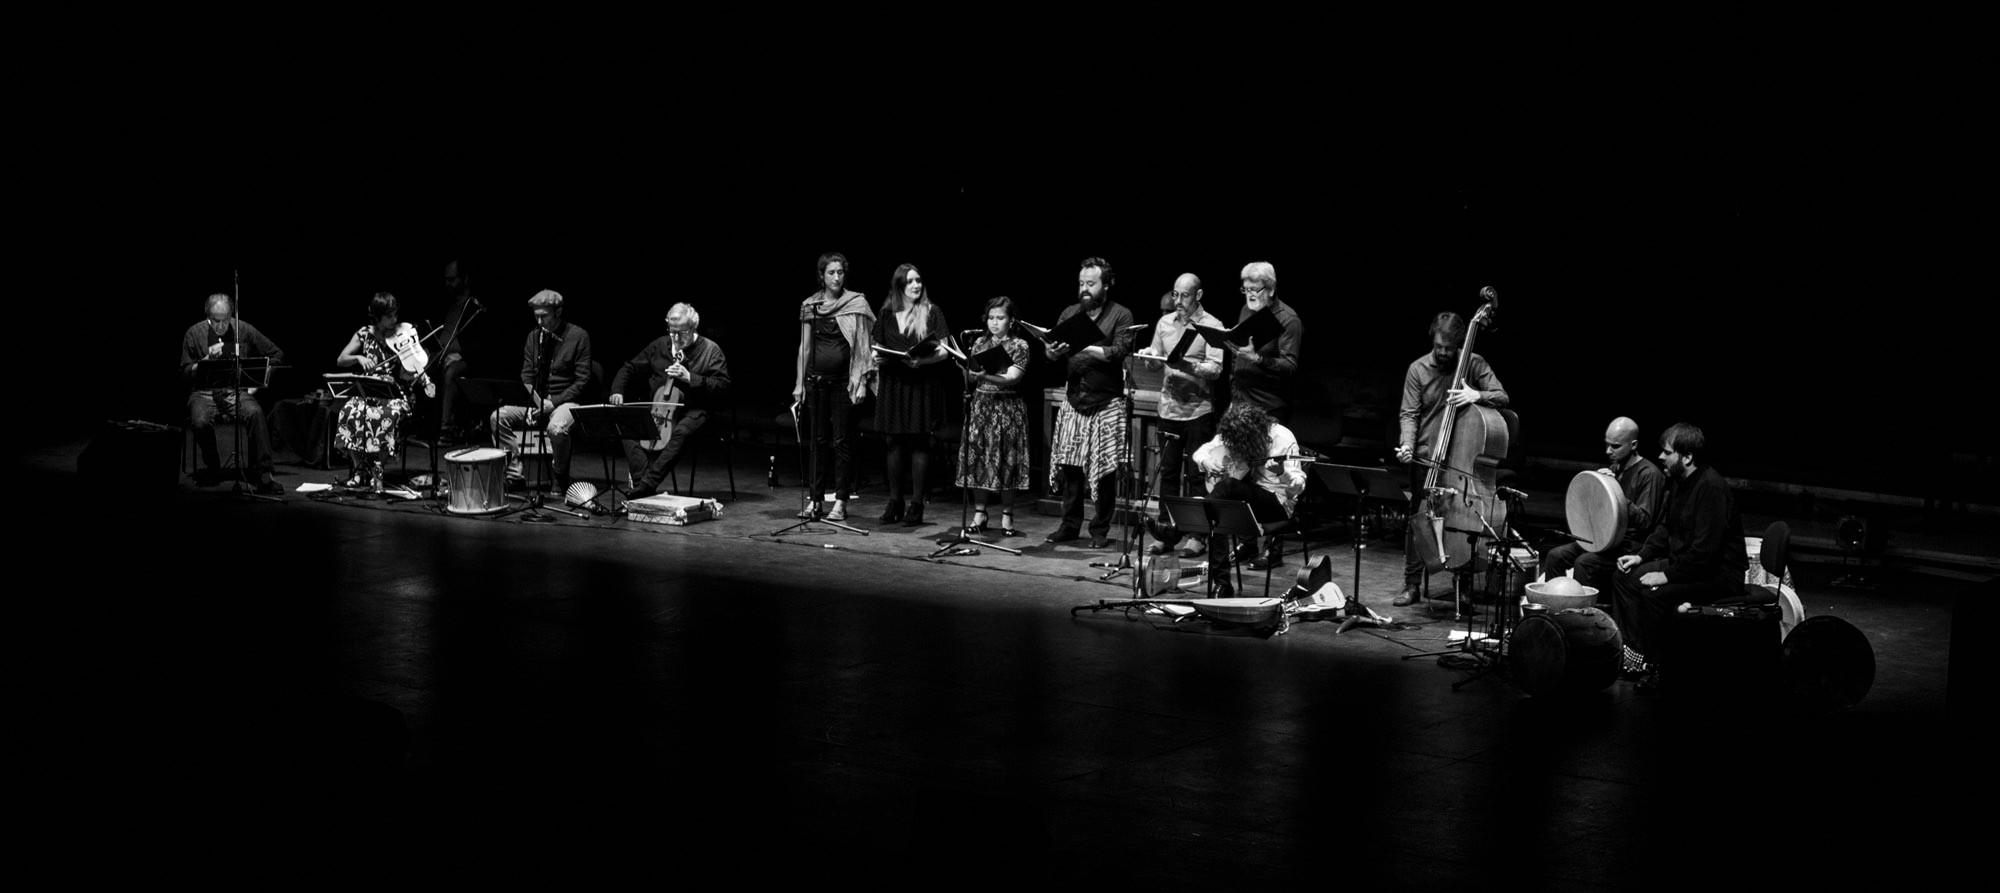 Auditorio Kursaal | Donostia/San Sebastián